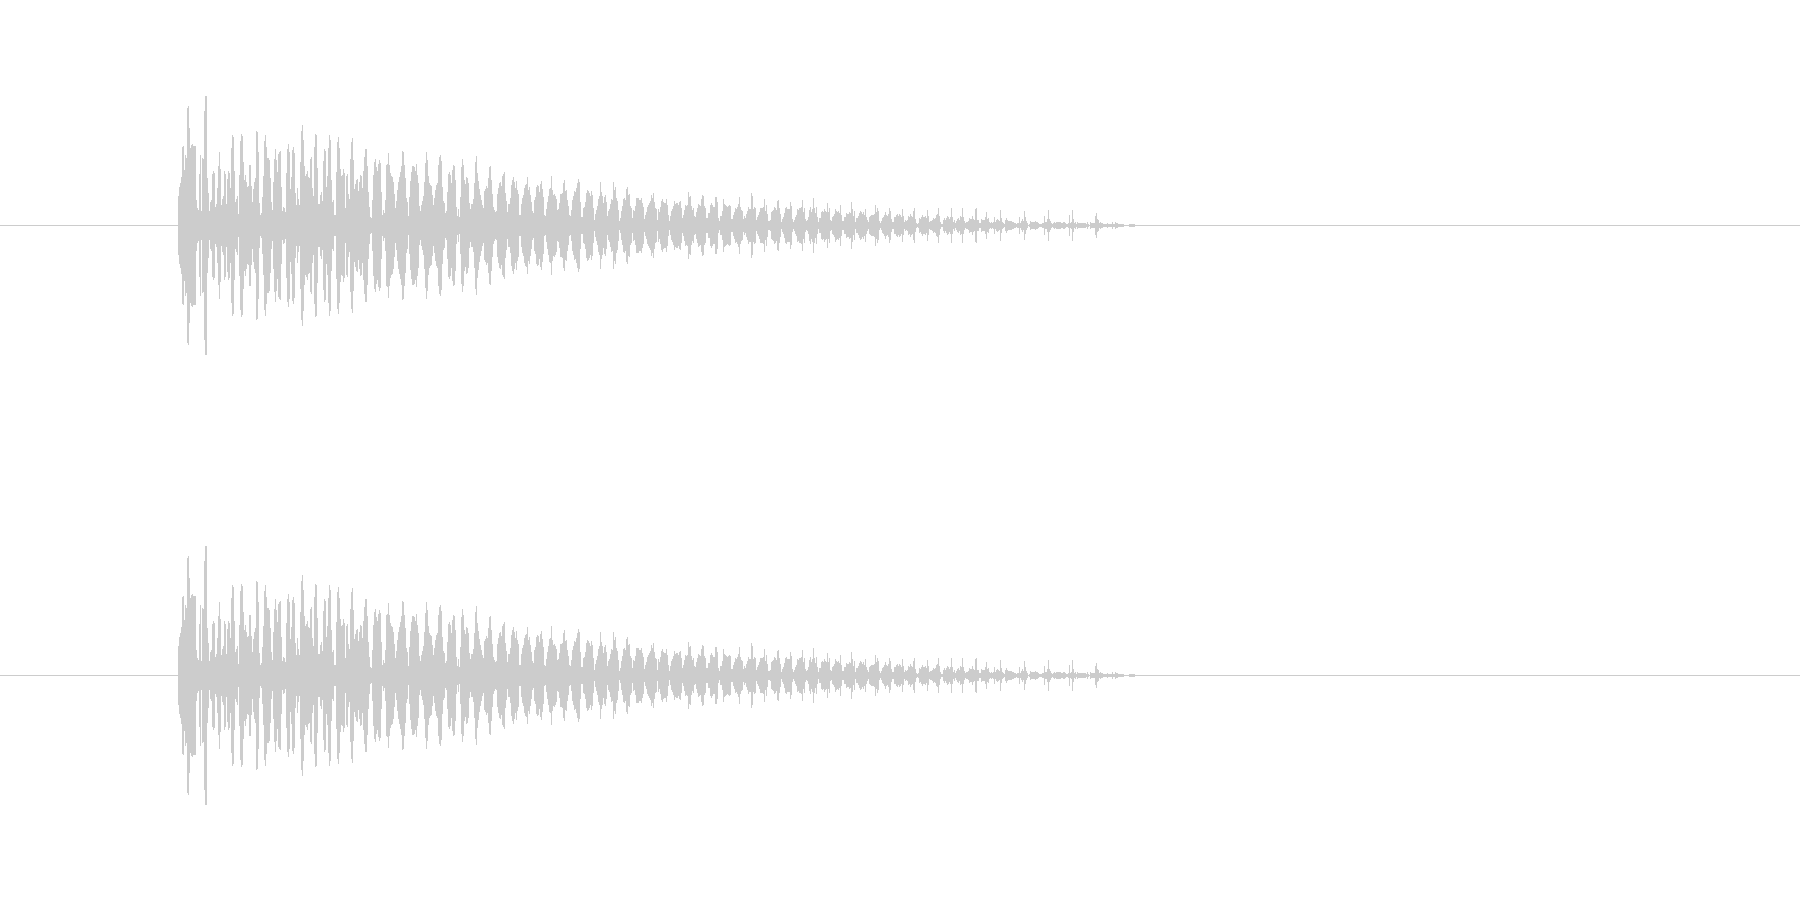 ぽしゅっ(キャンセル音)の未再生の波形